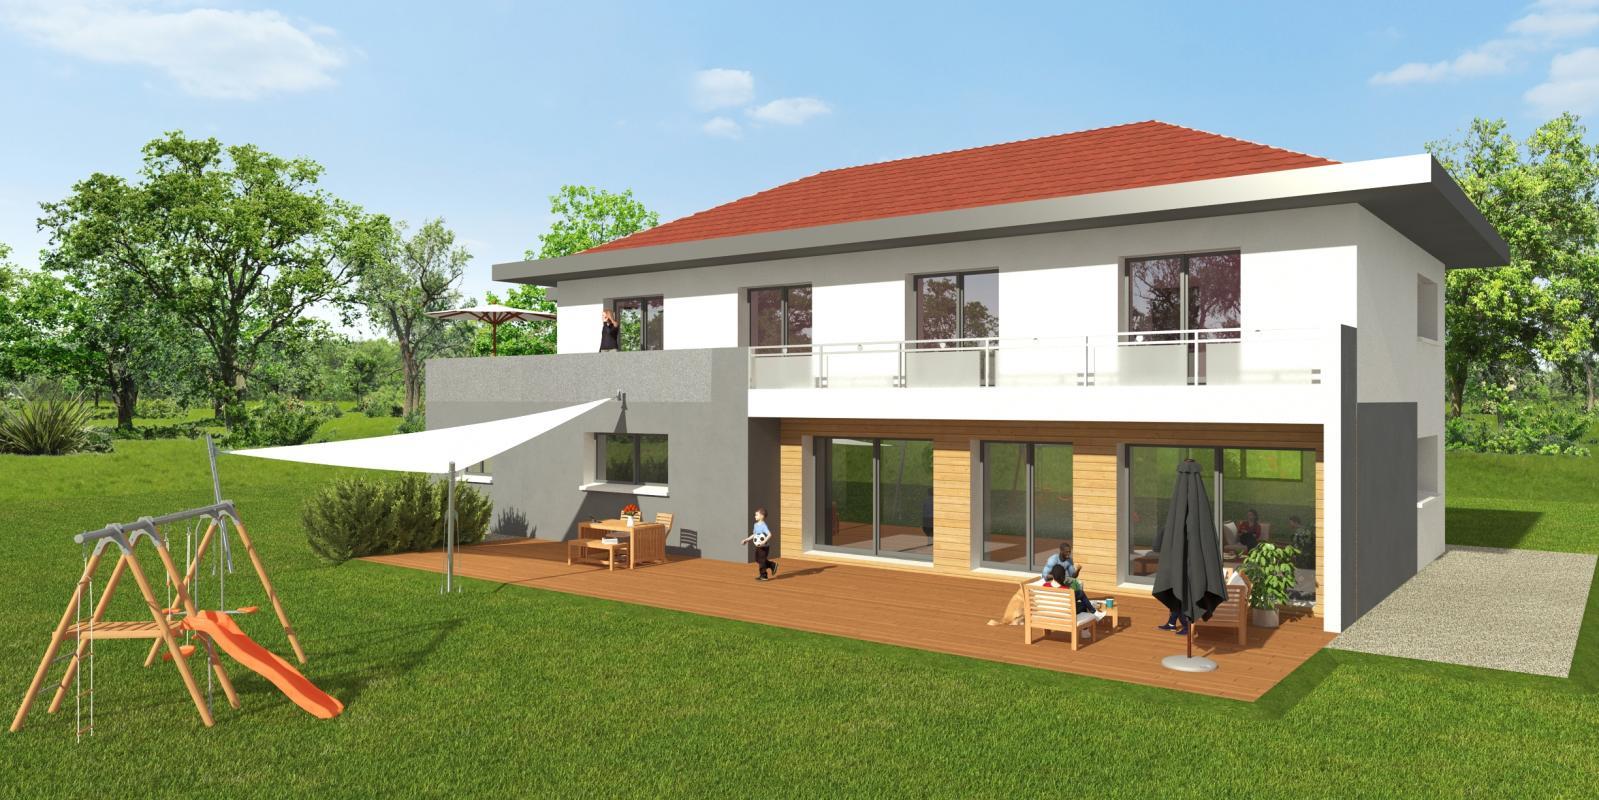 Maisons + Terrains du constructeur MAISONS ALAIN METRAL • 150 m² • VETRAZ MONTHOUX